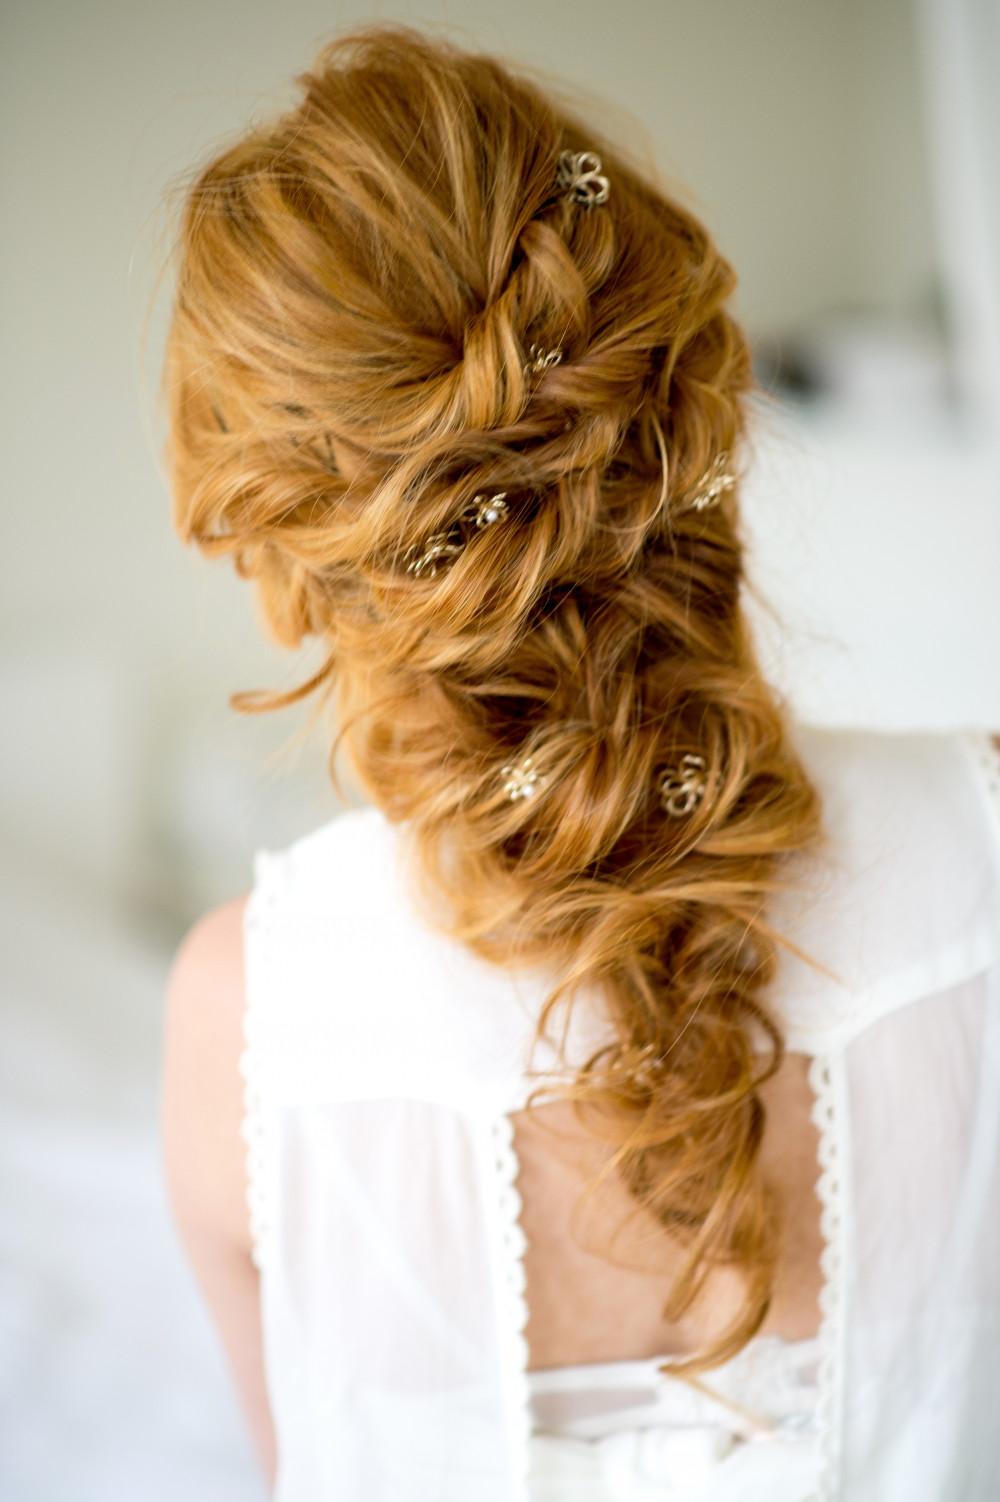 - Make Me Bridal Artist: Aridal Makeup & Hair. #boho #braid #loosebraid #bohobraid #bohemian